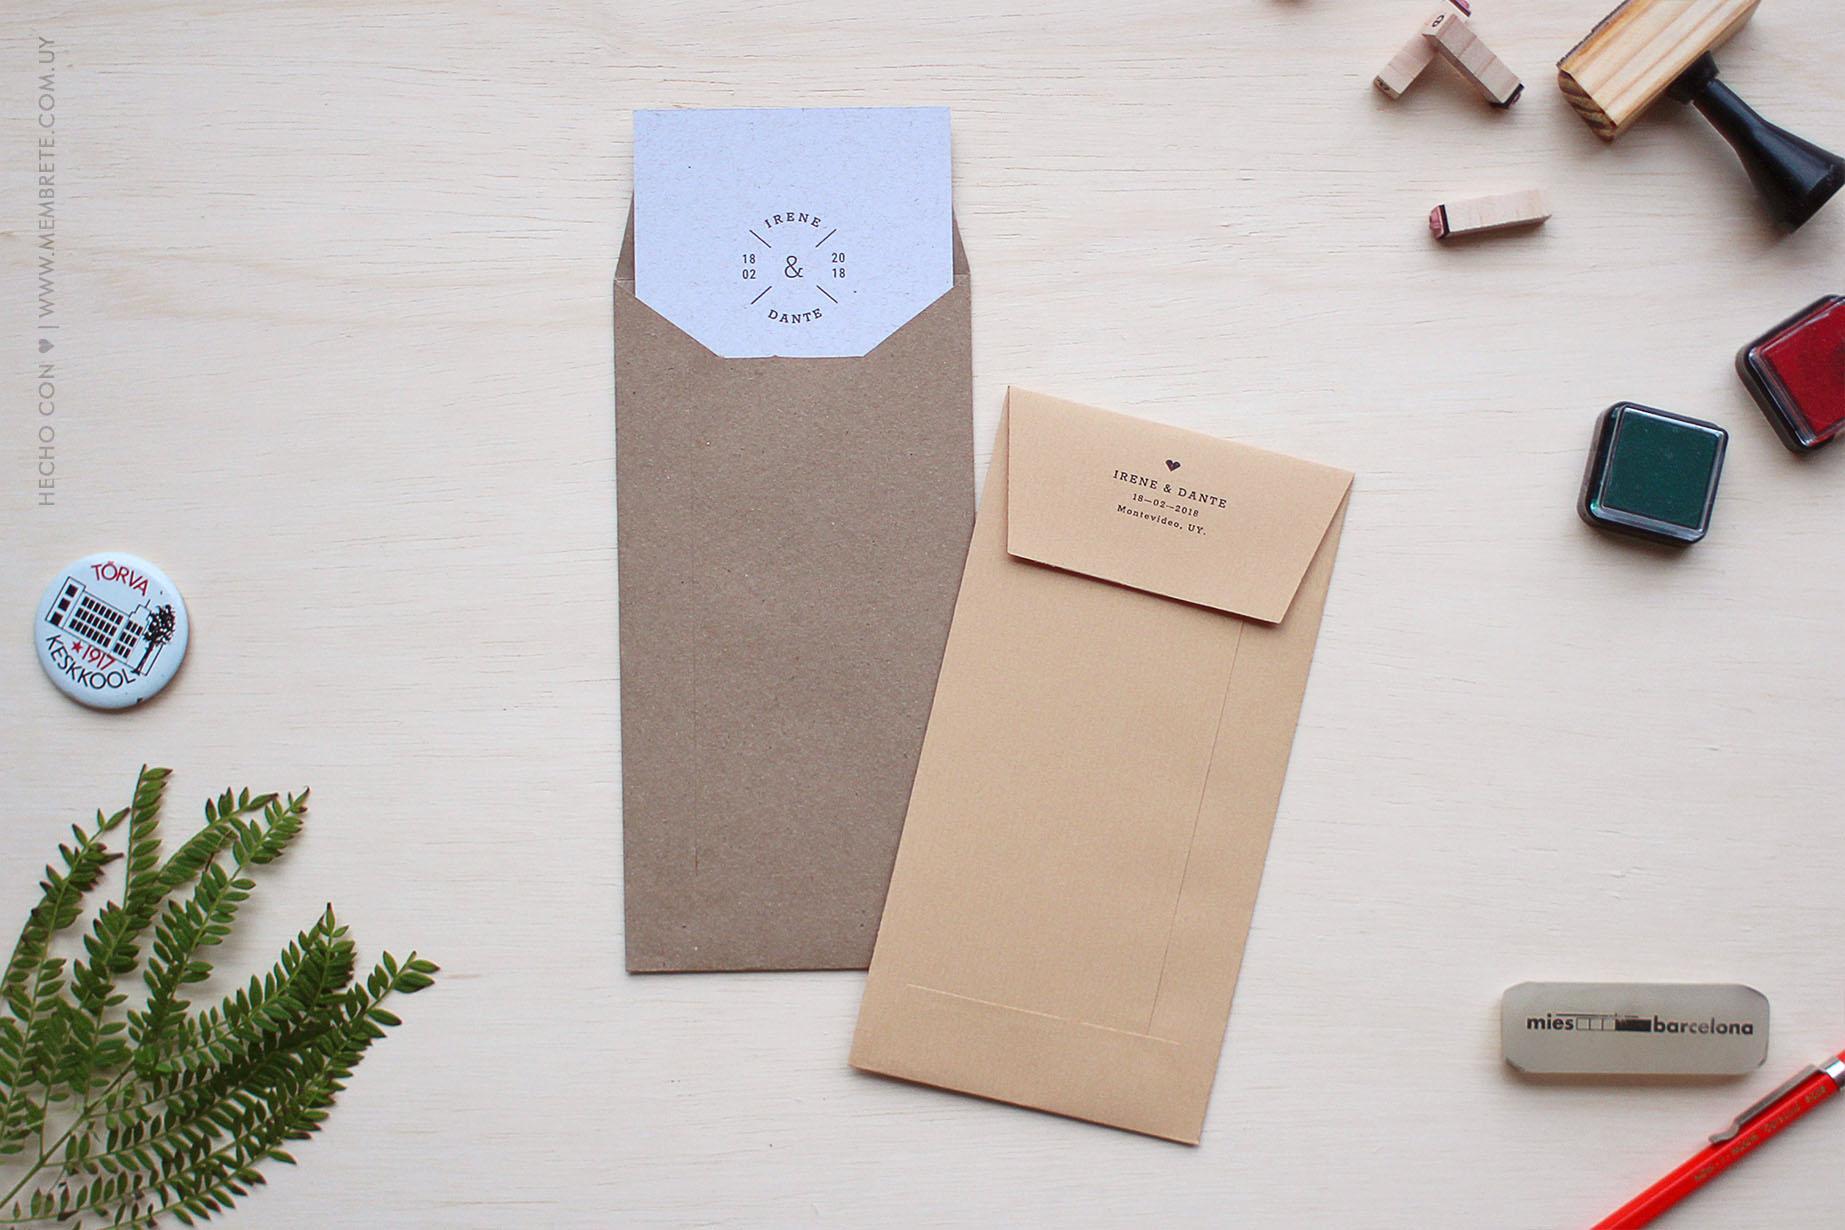 Irene & Dante, Categoría: Invitaciones de Bodas, MEMBRETE Diseño gráfico & Papelería - www.membrete.com.uy